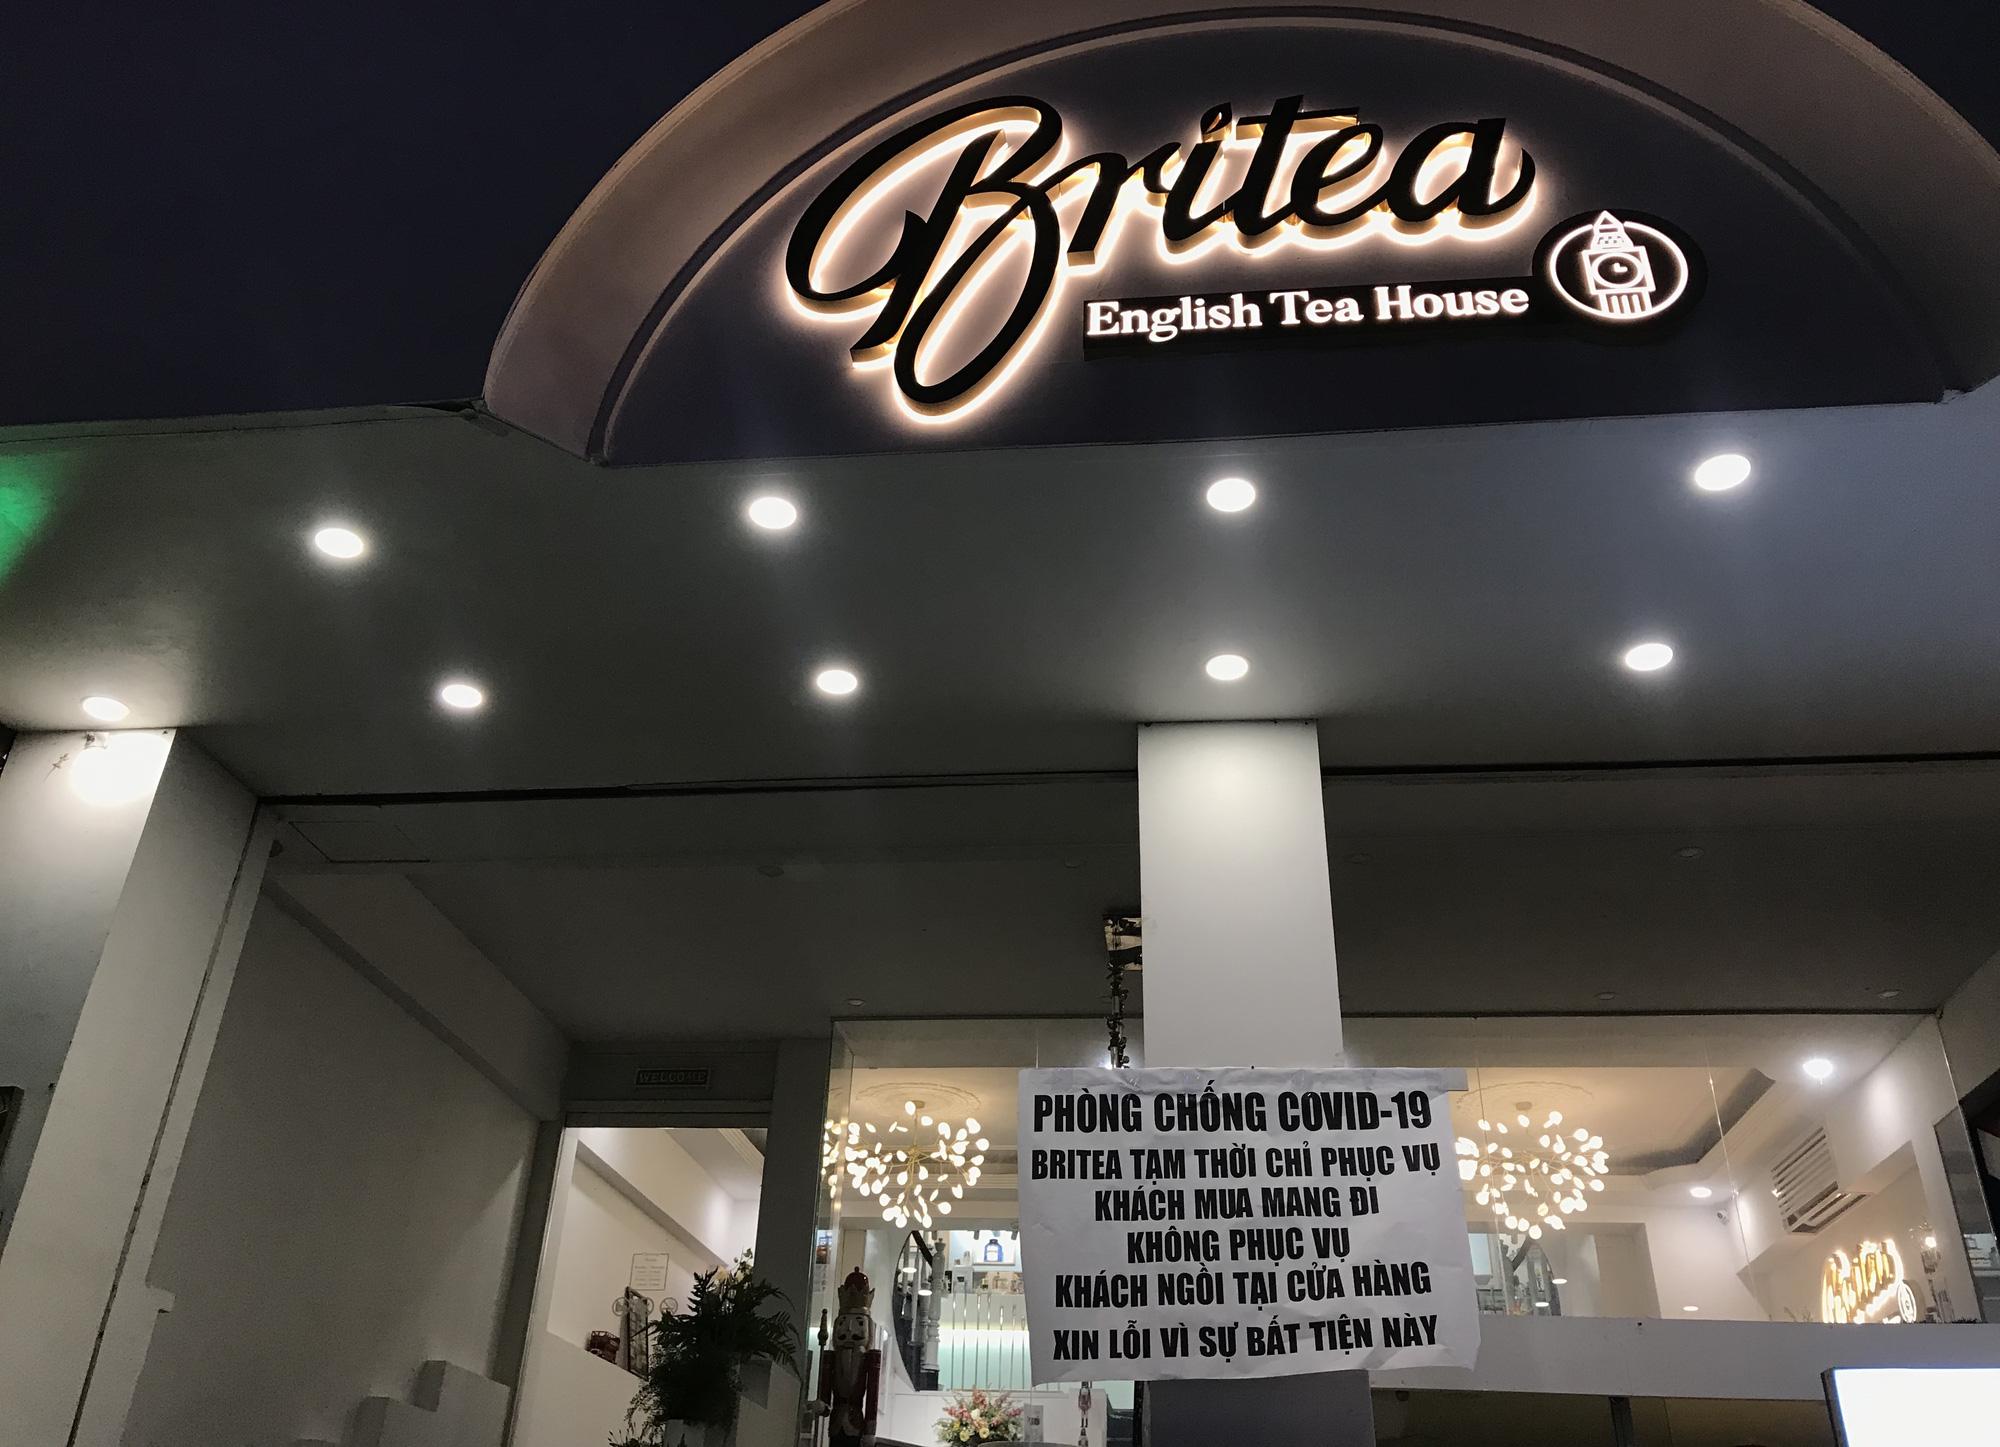 Nhà hàng, quán ăn Sài Gòn vội vàng đóng cửa phòng Covid-19 sau quyết định của UBND TP - Ảnh 10.